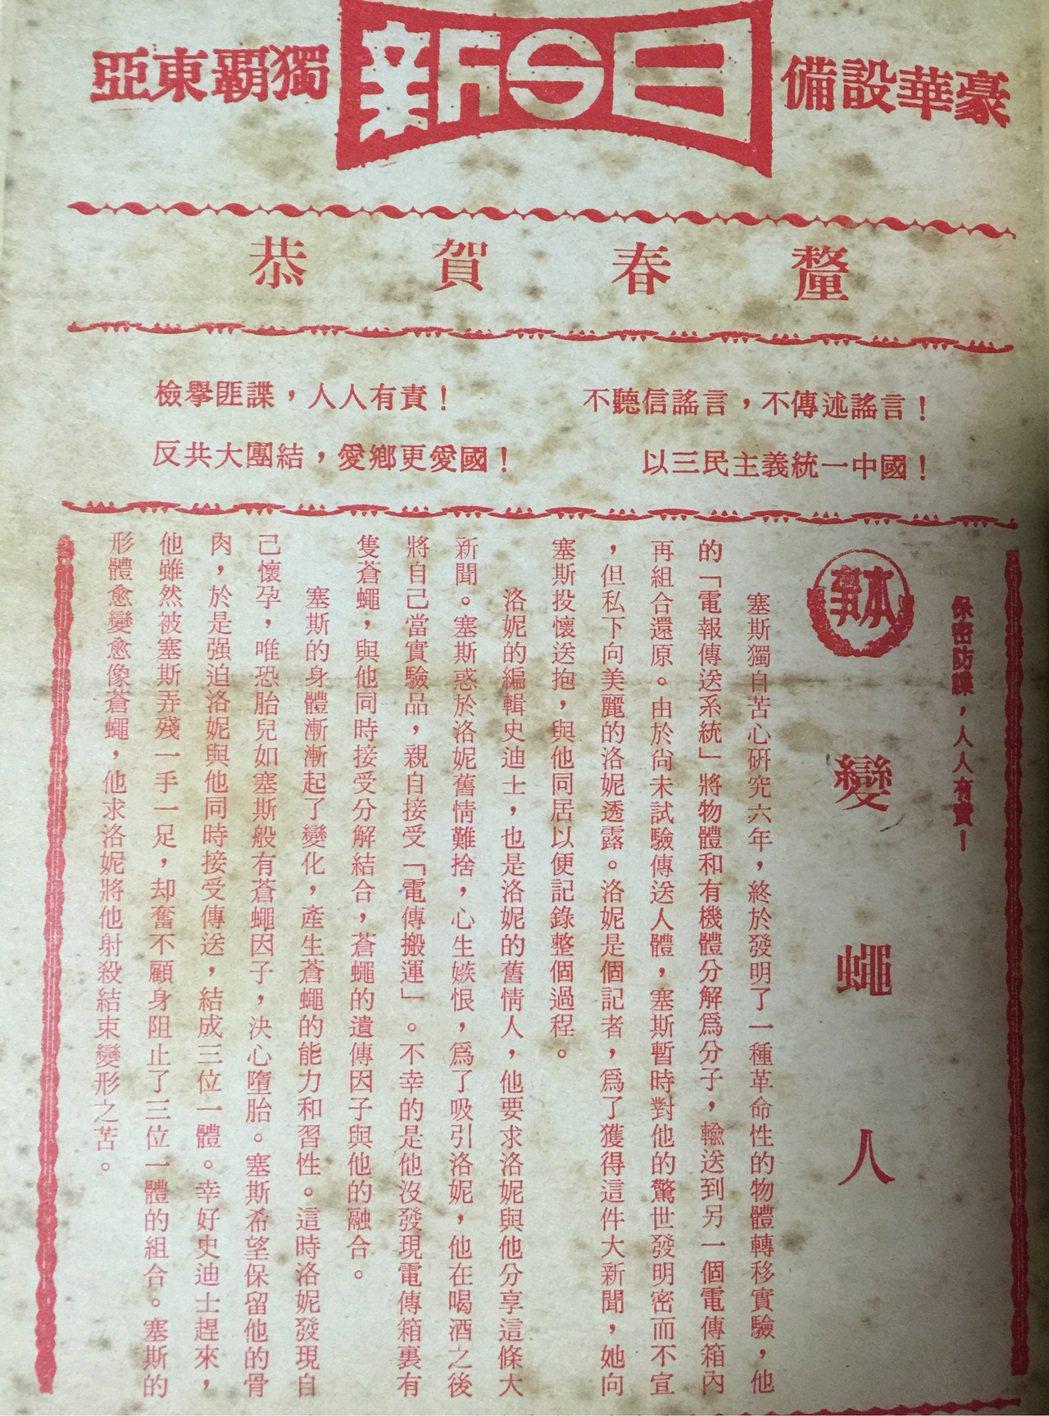 「變蠅人」台北上映時的電影本事。